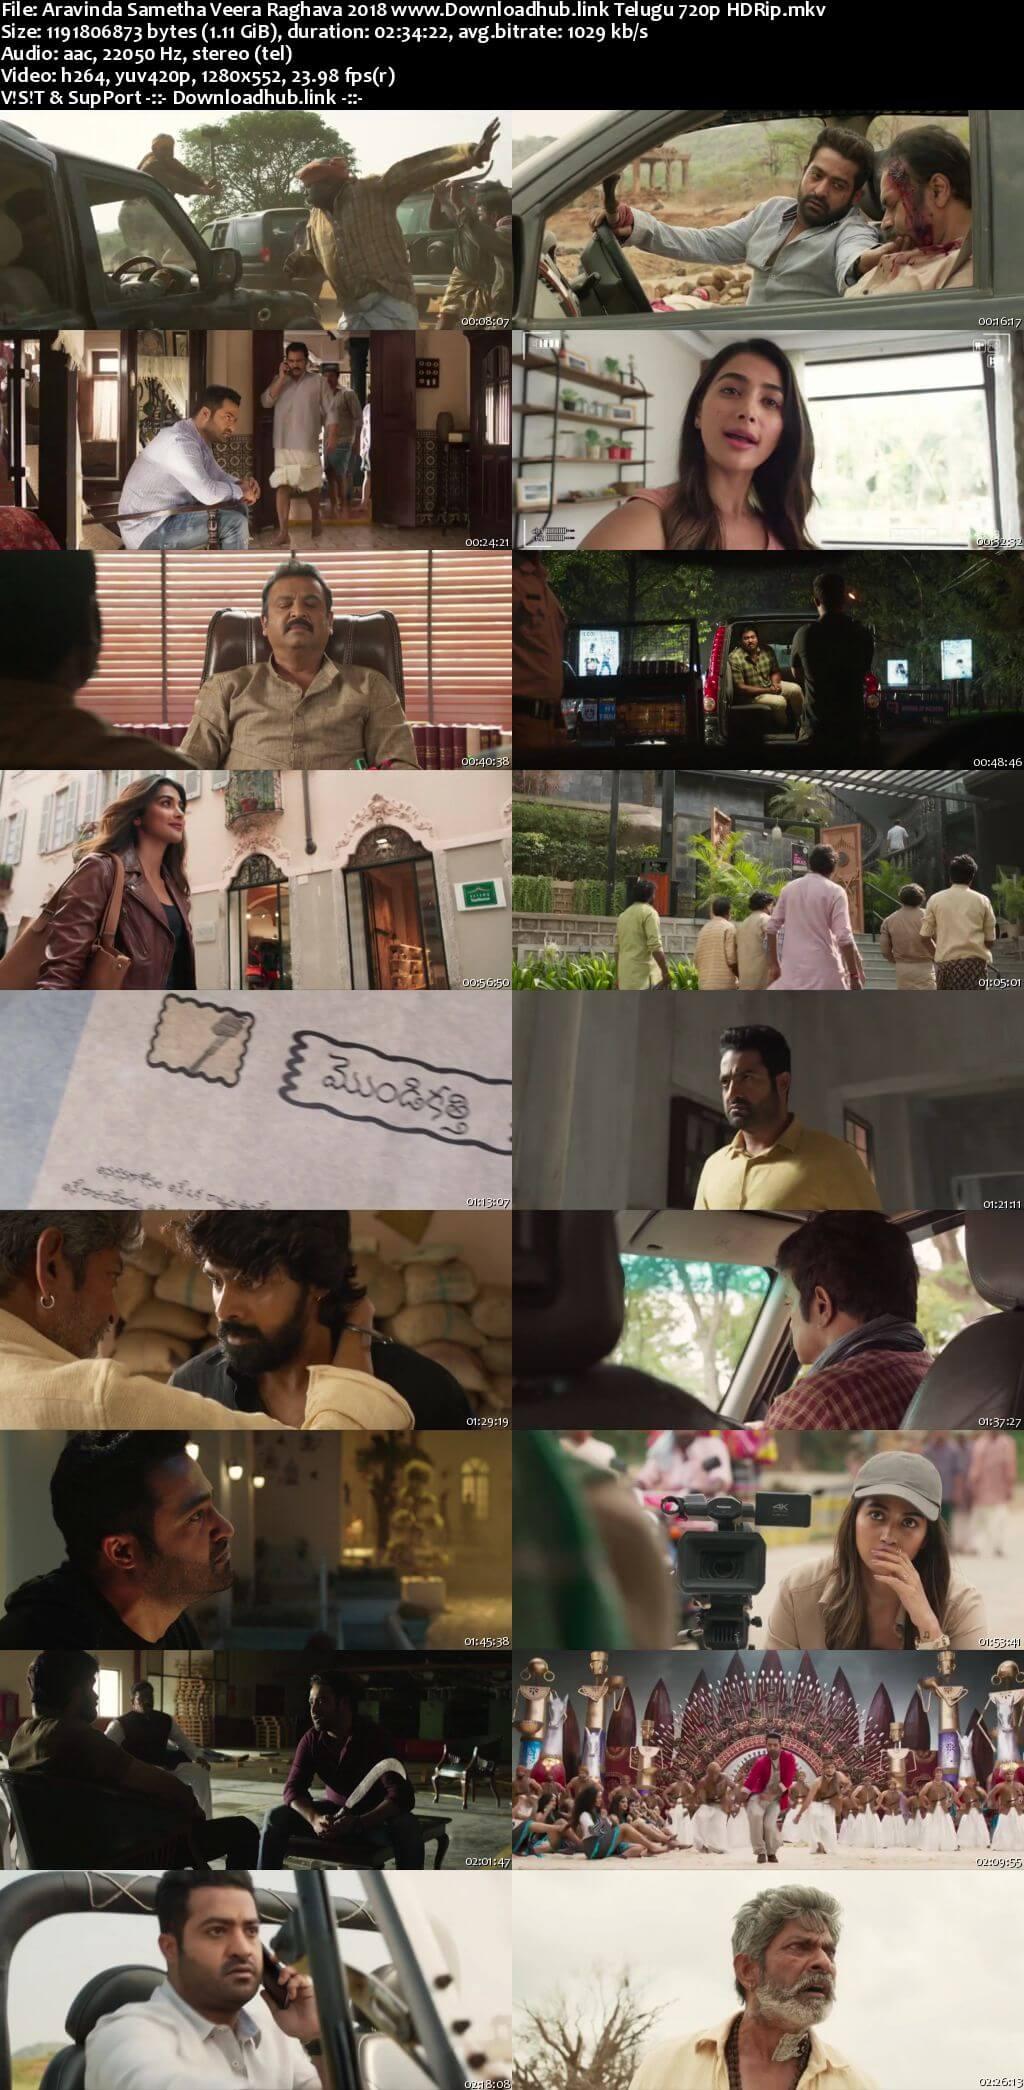 Aravindha Sametha Veera Raghava 2018 Telugu 720p HDRip x264